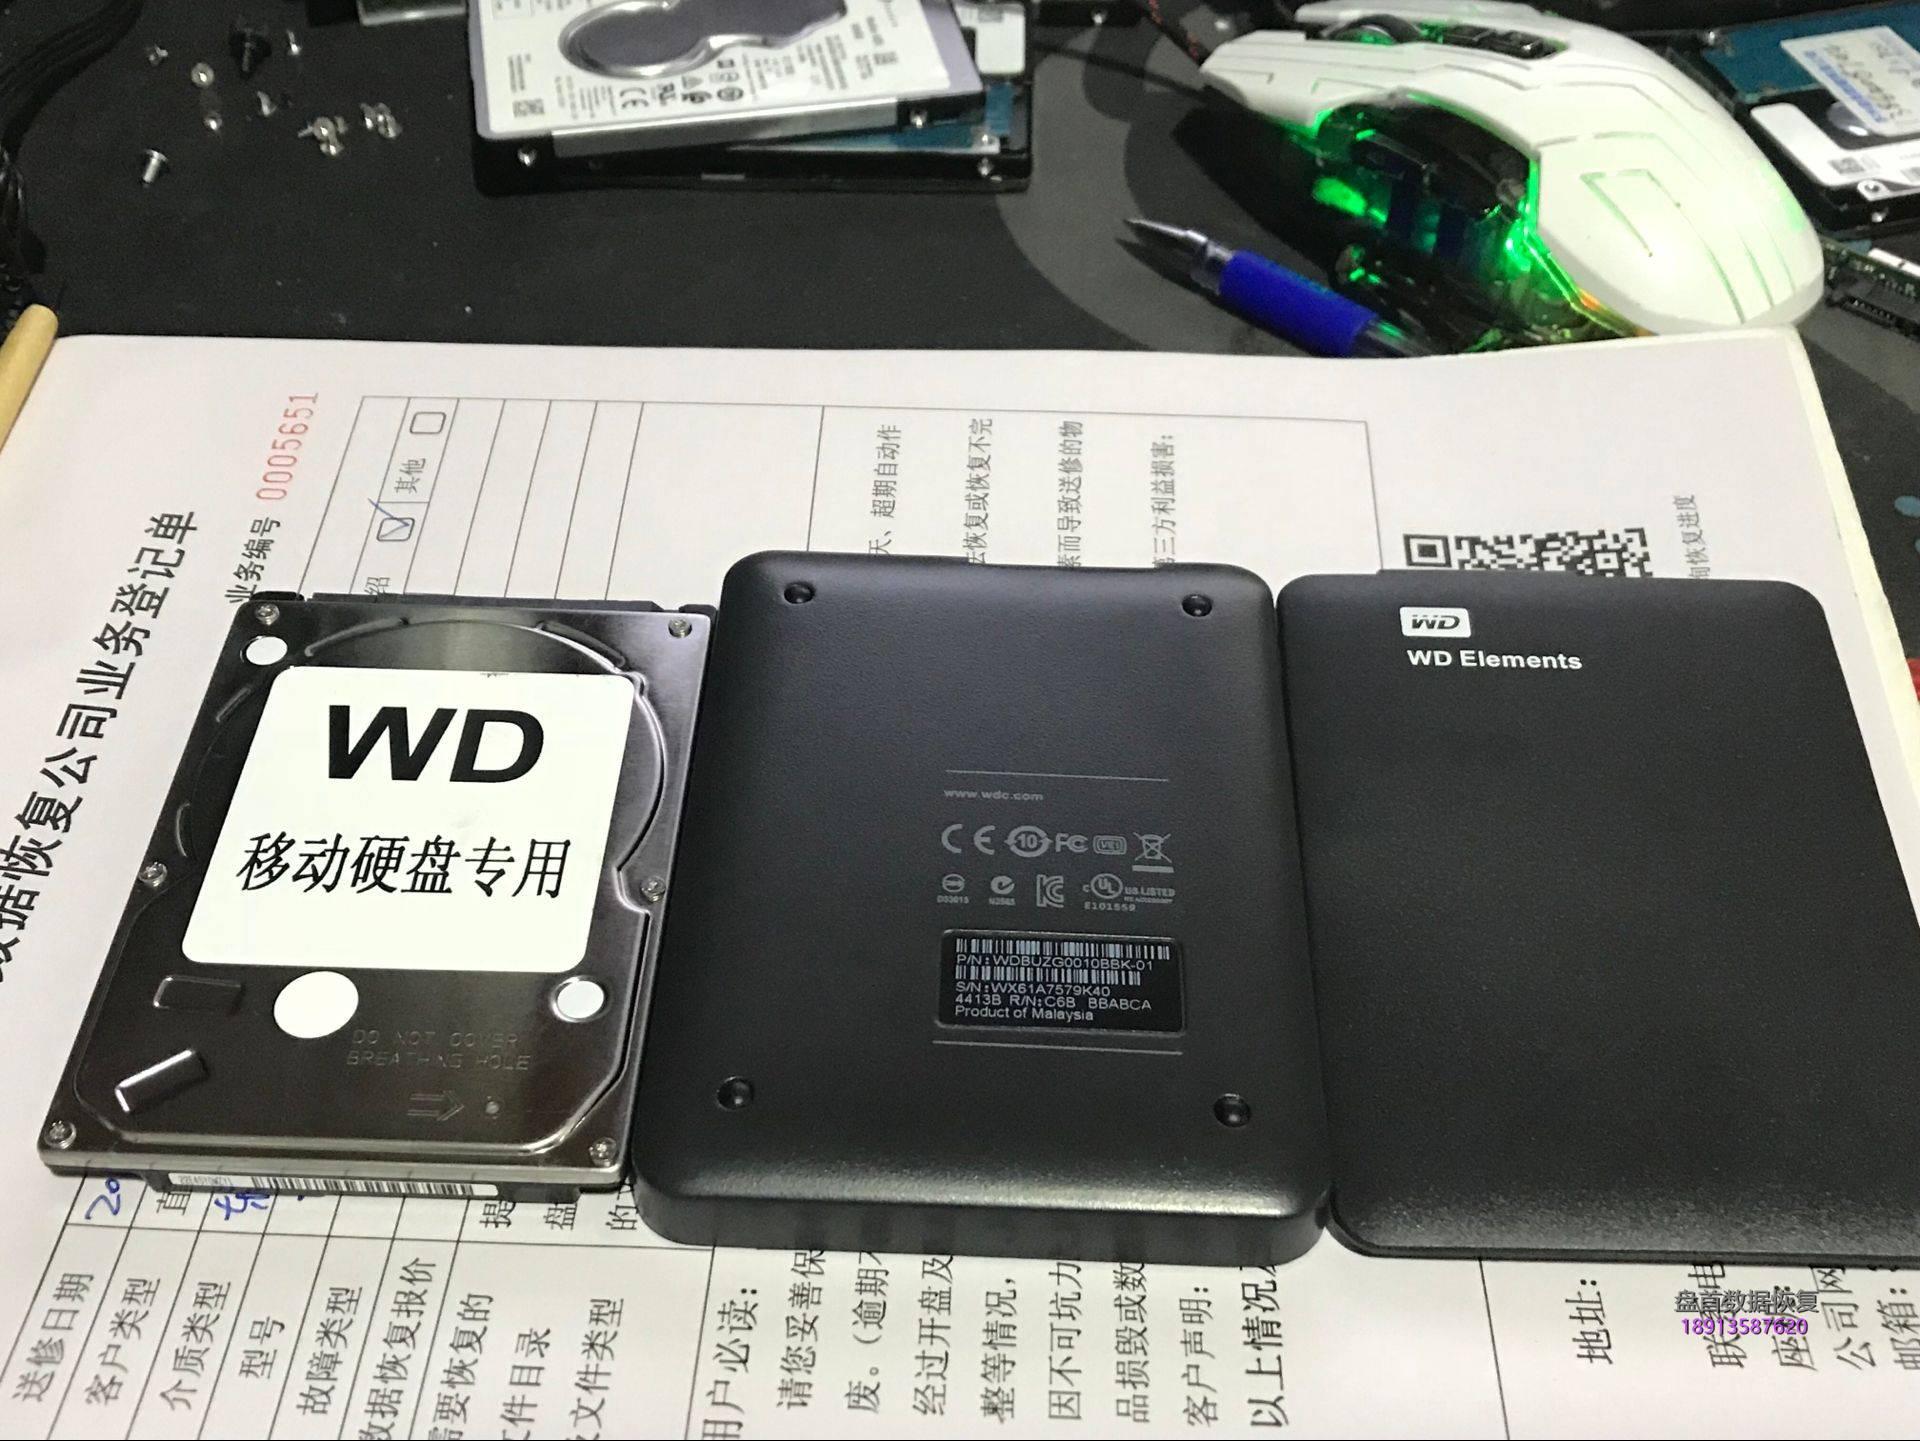 5A38B9A66760160AA96B214ECD37D6C9 WD西部数据原装移动硬盘里拆出来一个东芝笔记本硬盘磁头损坏开盘数据恢复成功